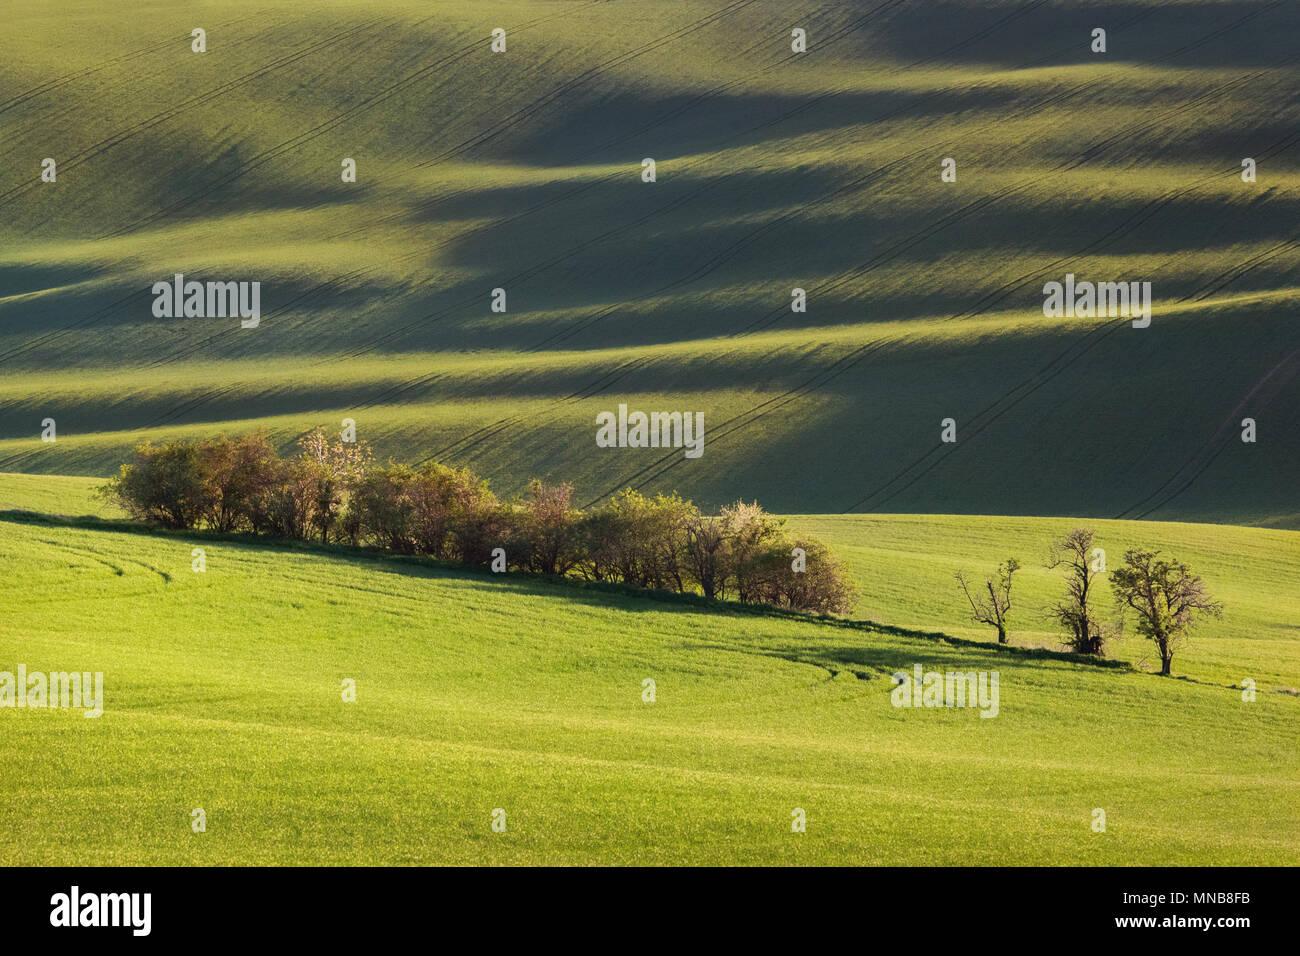 Sunset linee e forme d'onda con alberi in primavera Foto Stock